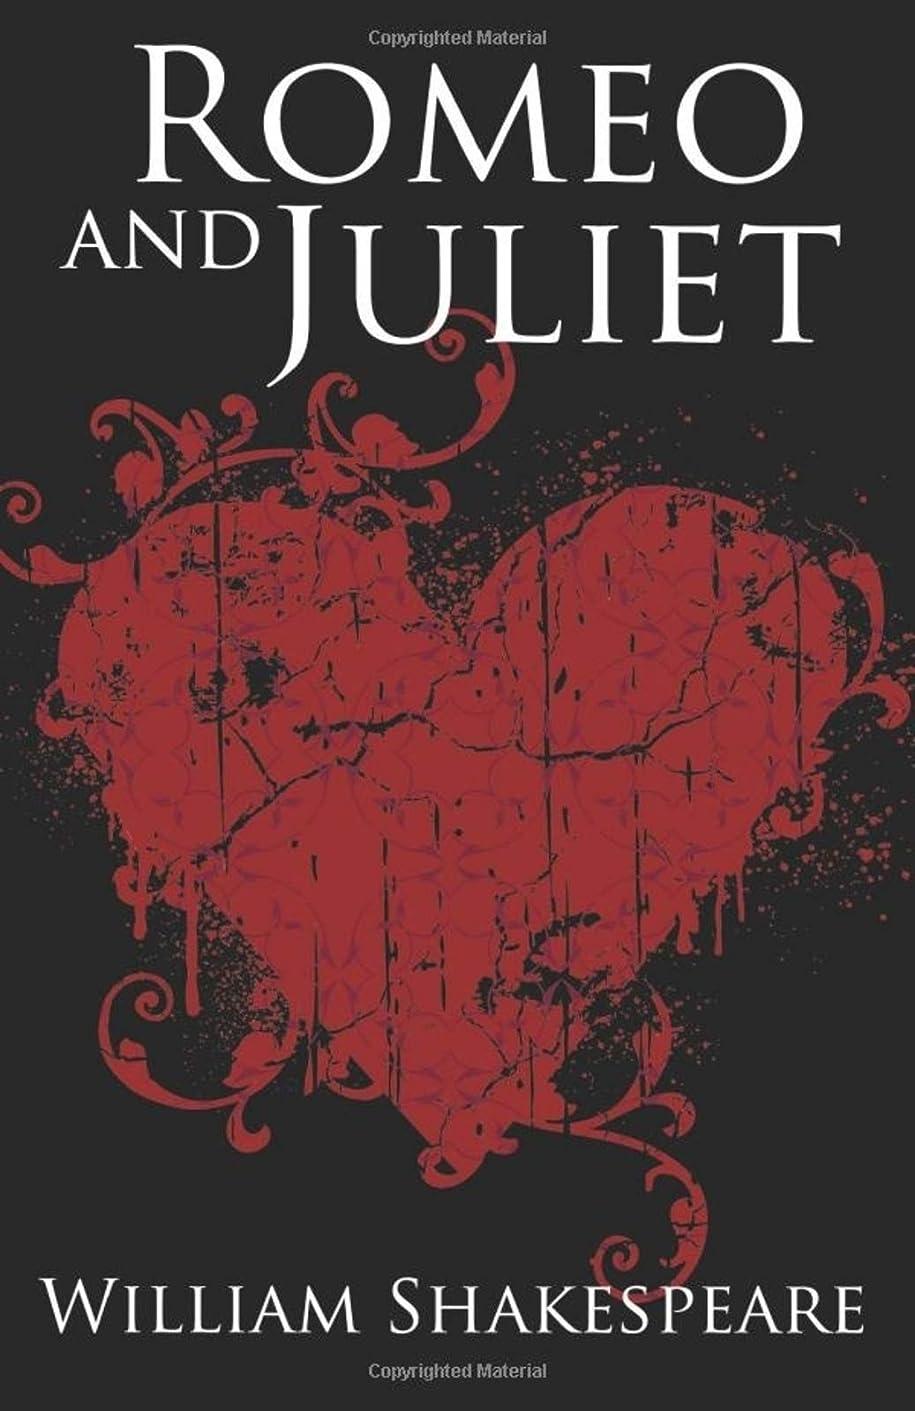 促す交換性格Romeo And Juliet (English Edition)